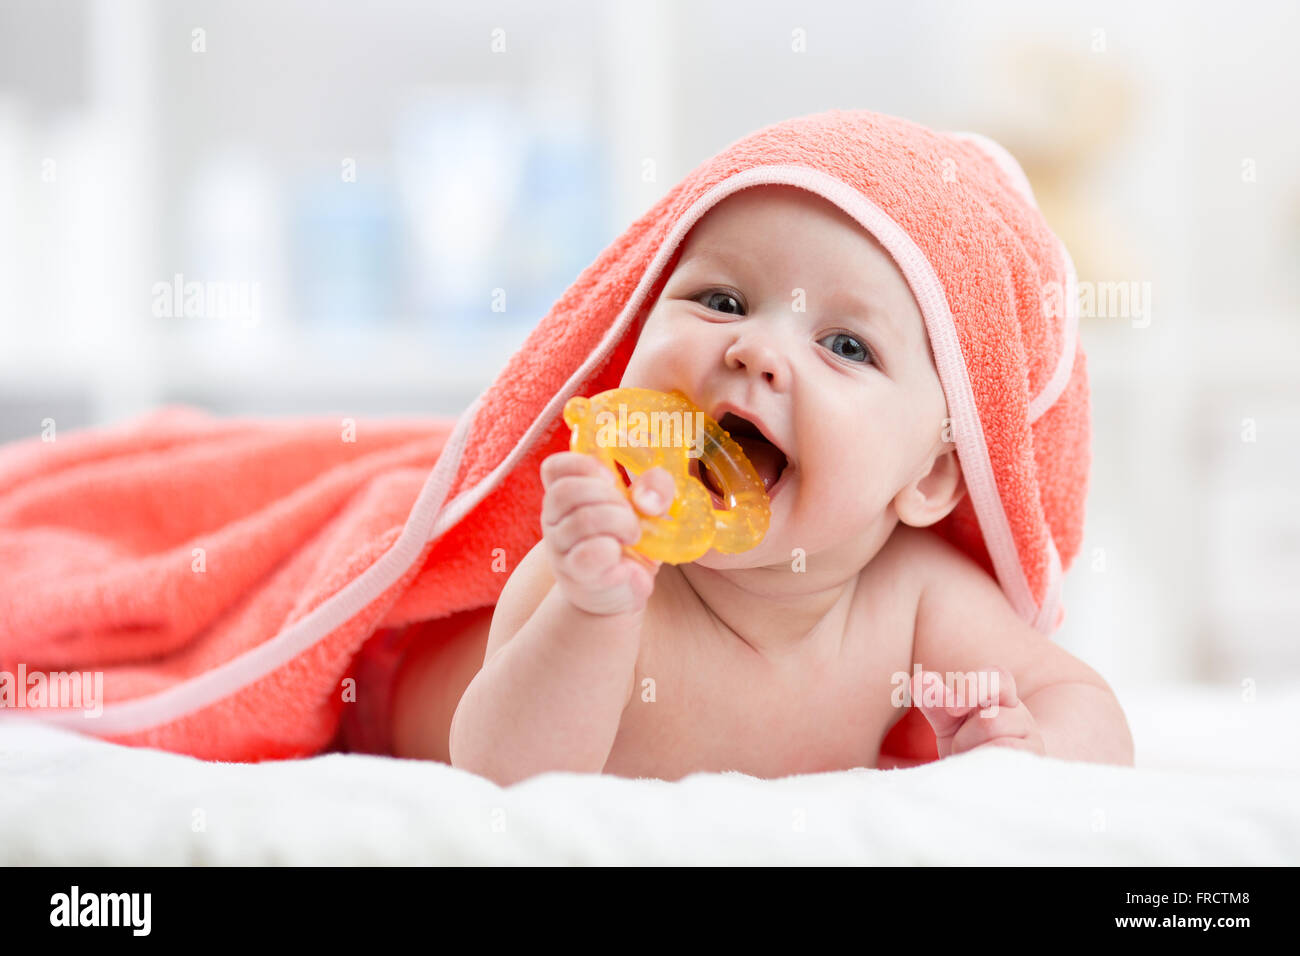 Lindo bebé con mordedor bajo una toalla con capucha después del baño Imagen De Stock